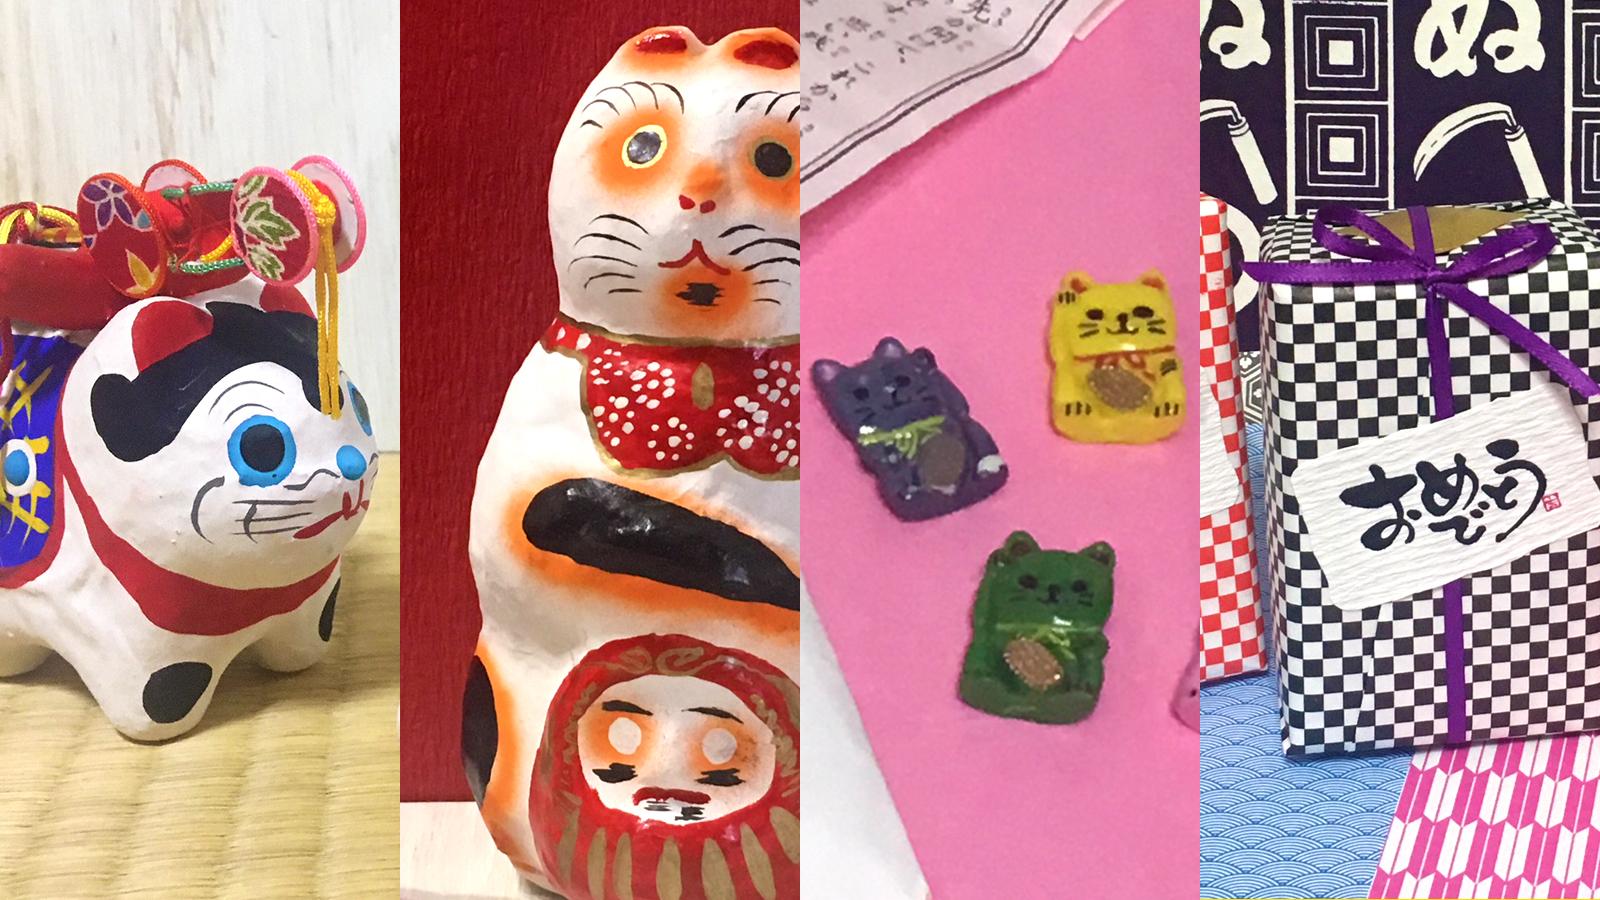 語呂合わせ・ことばあそびで幸せを贈る!―縁起かつぎのめでたい江戸郷土玩具―